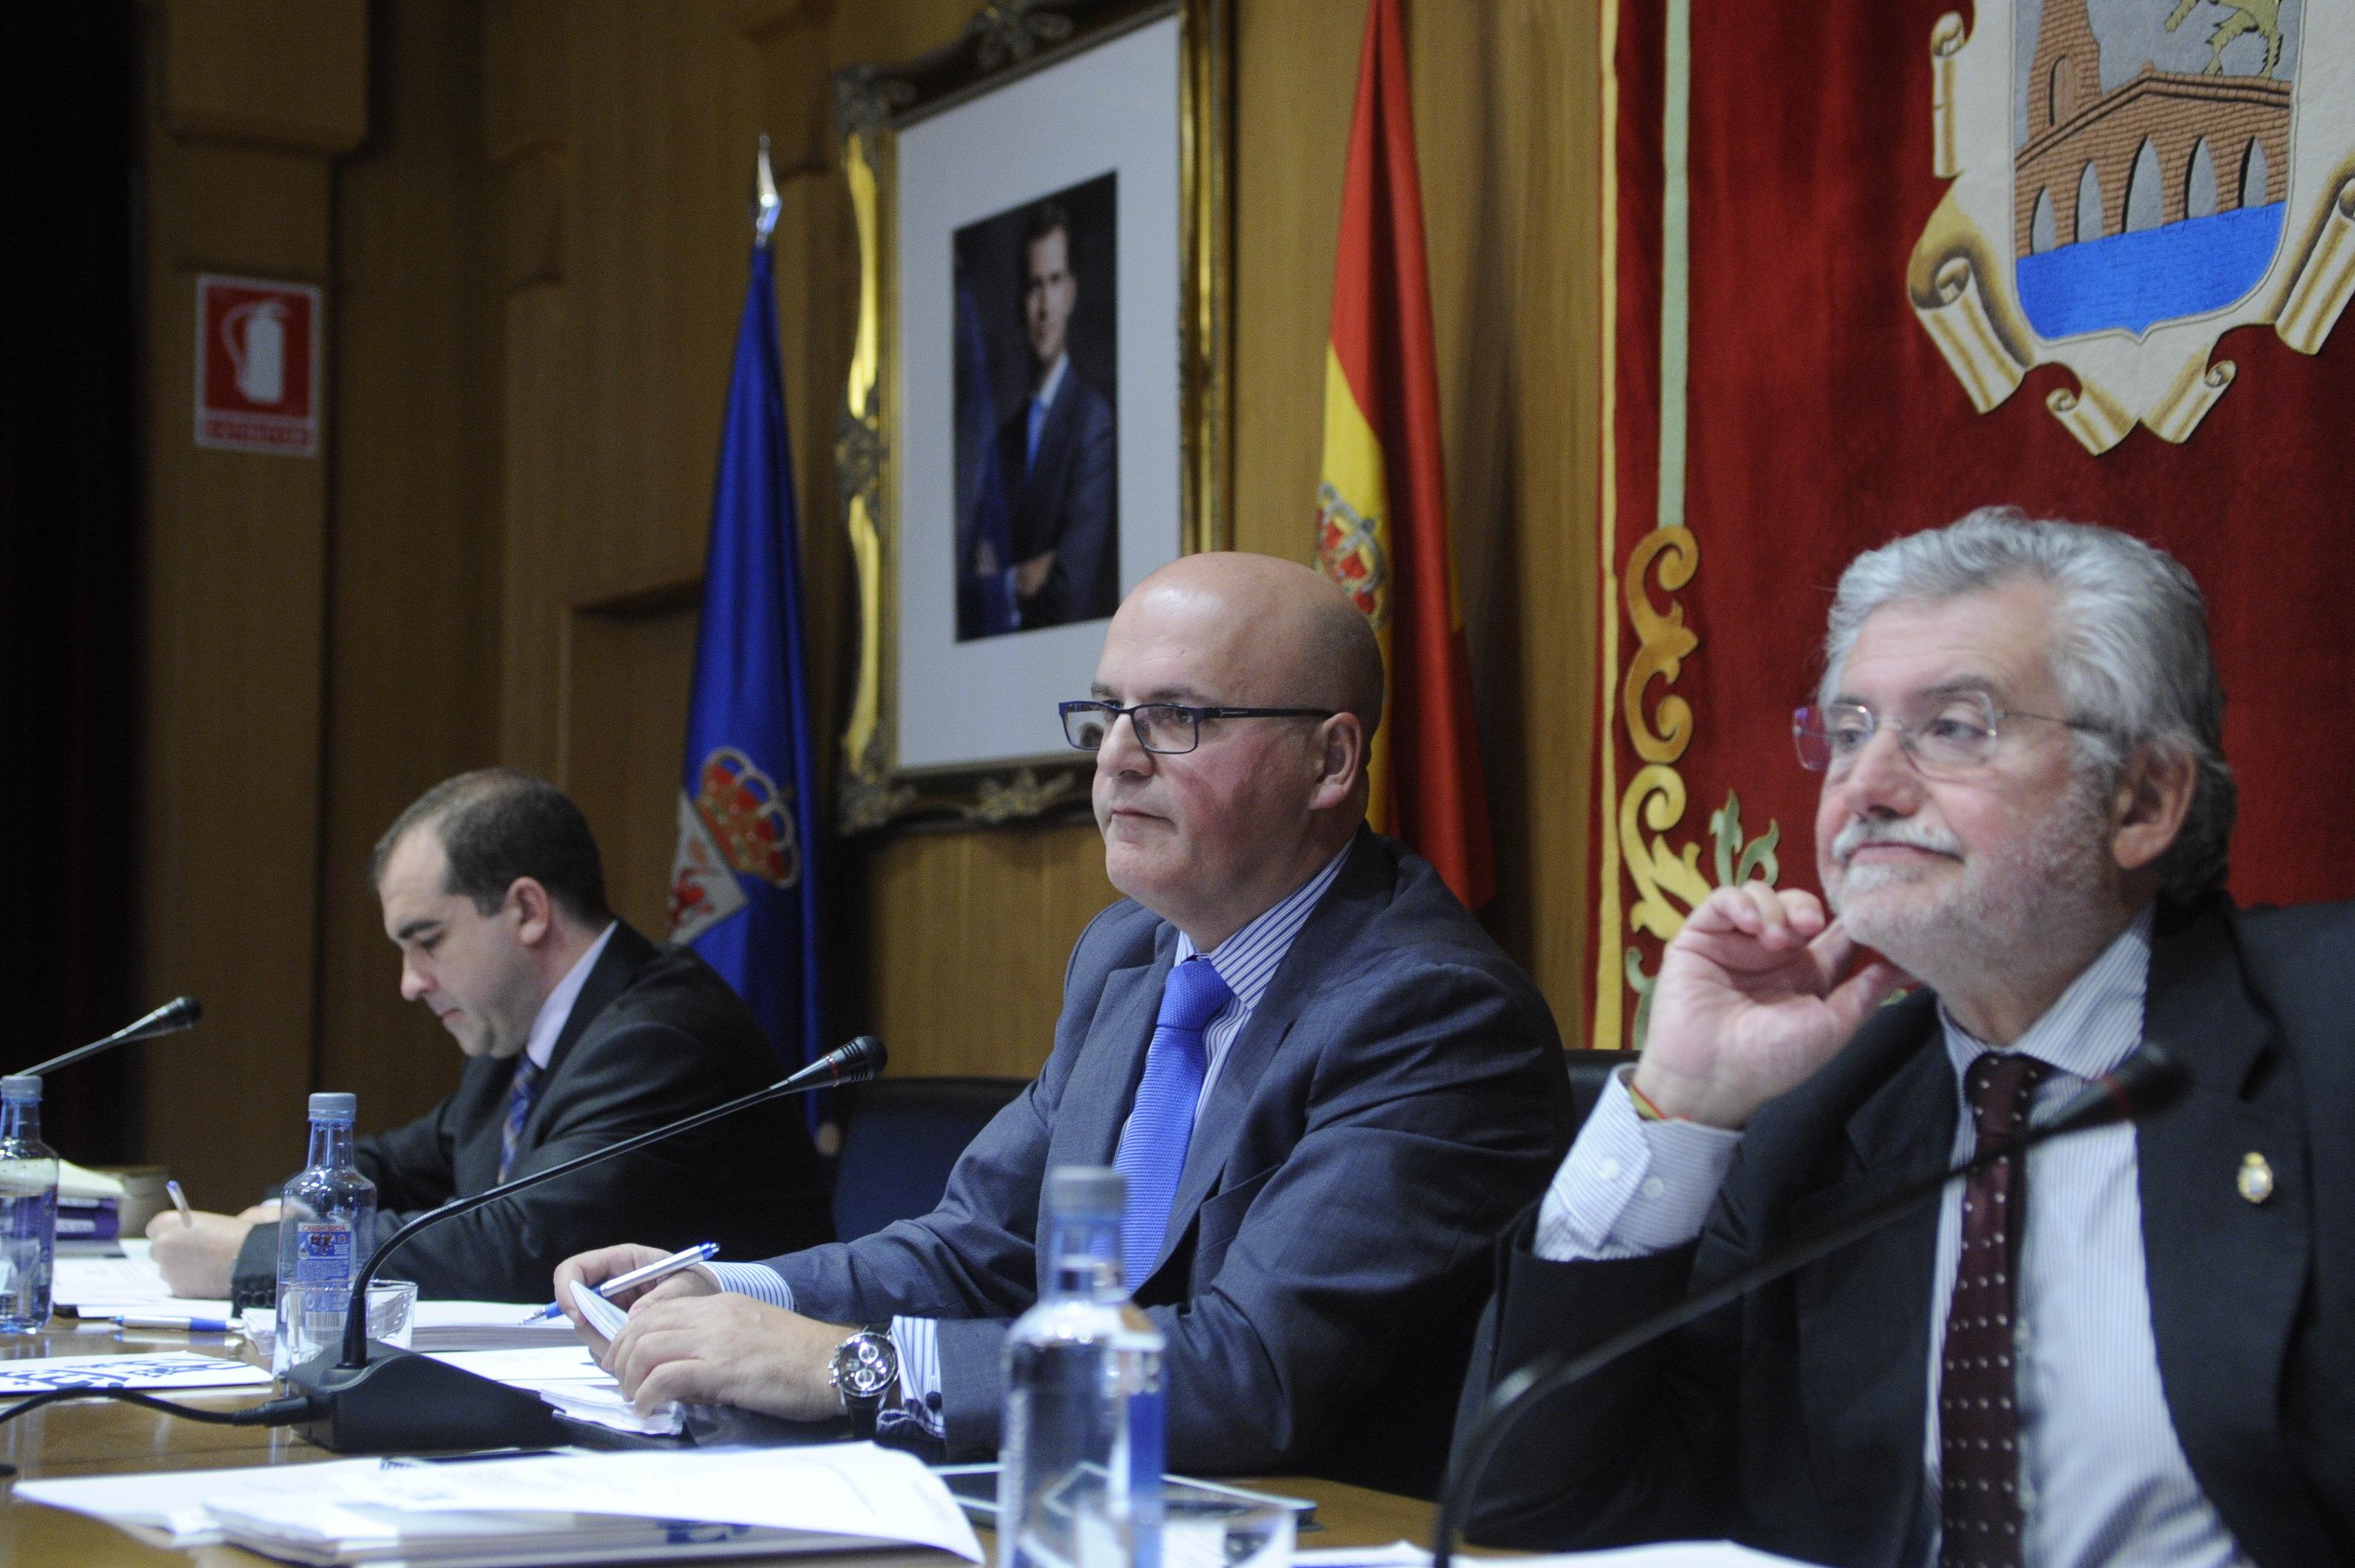 La Diputación aprueba 12,4 millones en subvenciones para el ... - La Región